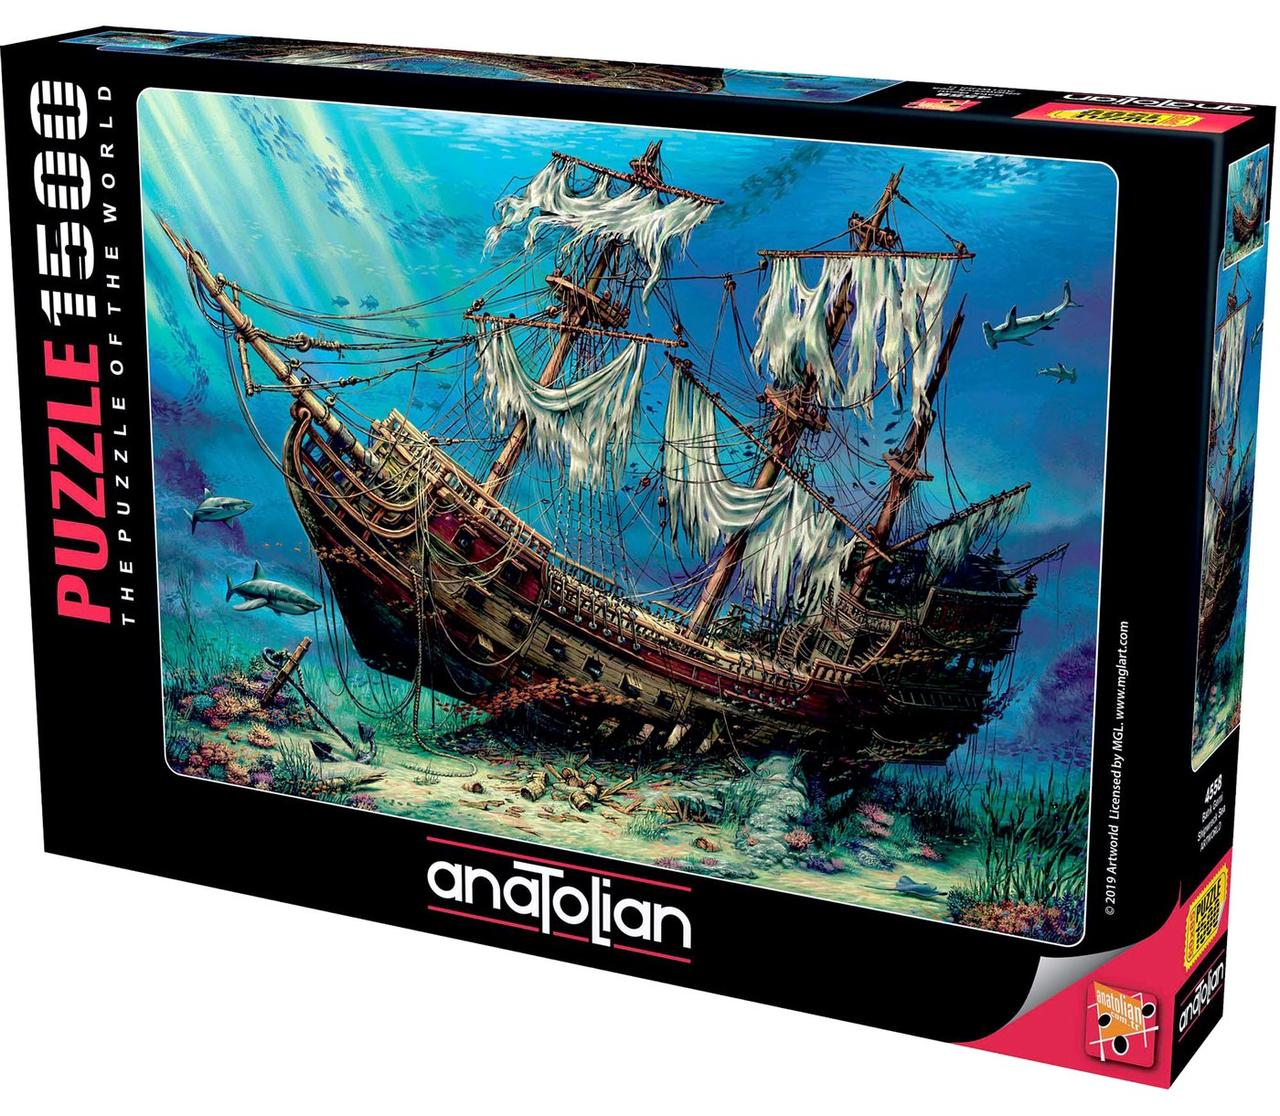 Пазли 1500 елементів корабельну Аварію в Морі 4558 Anatolian